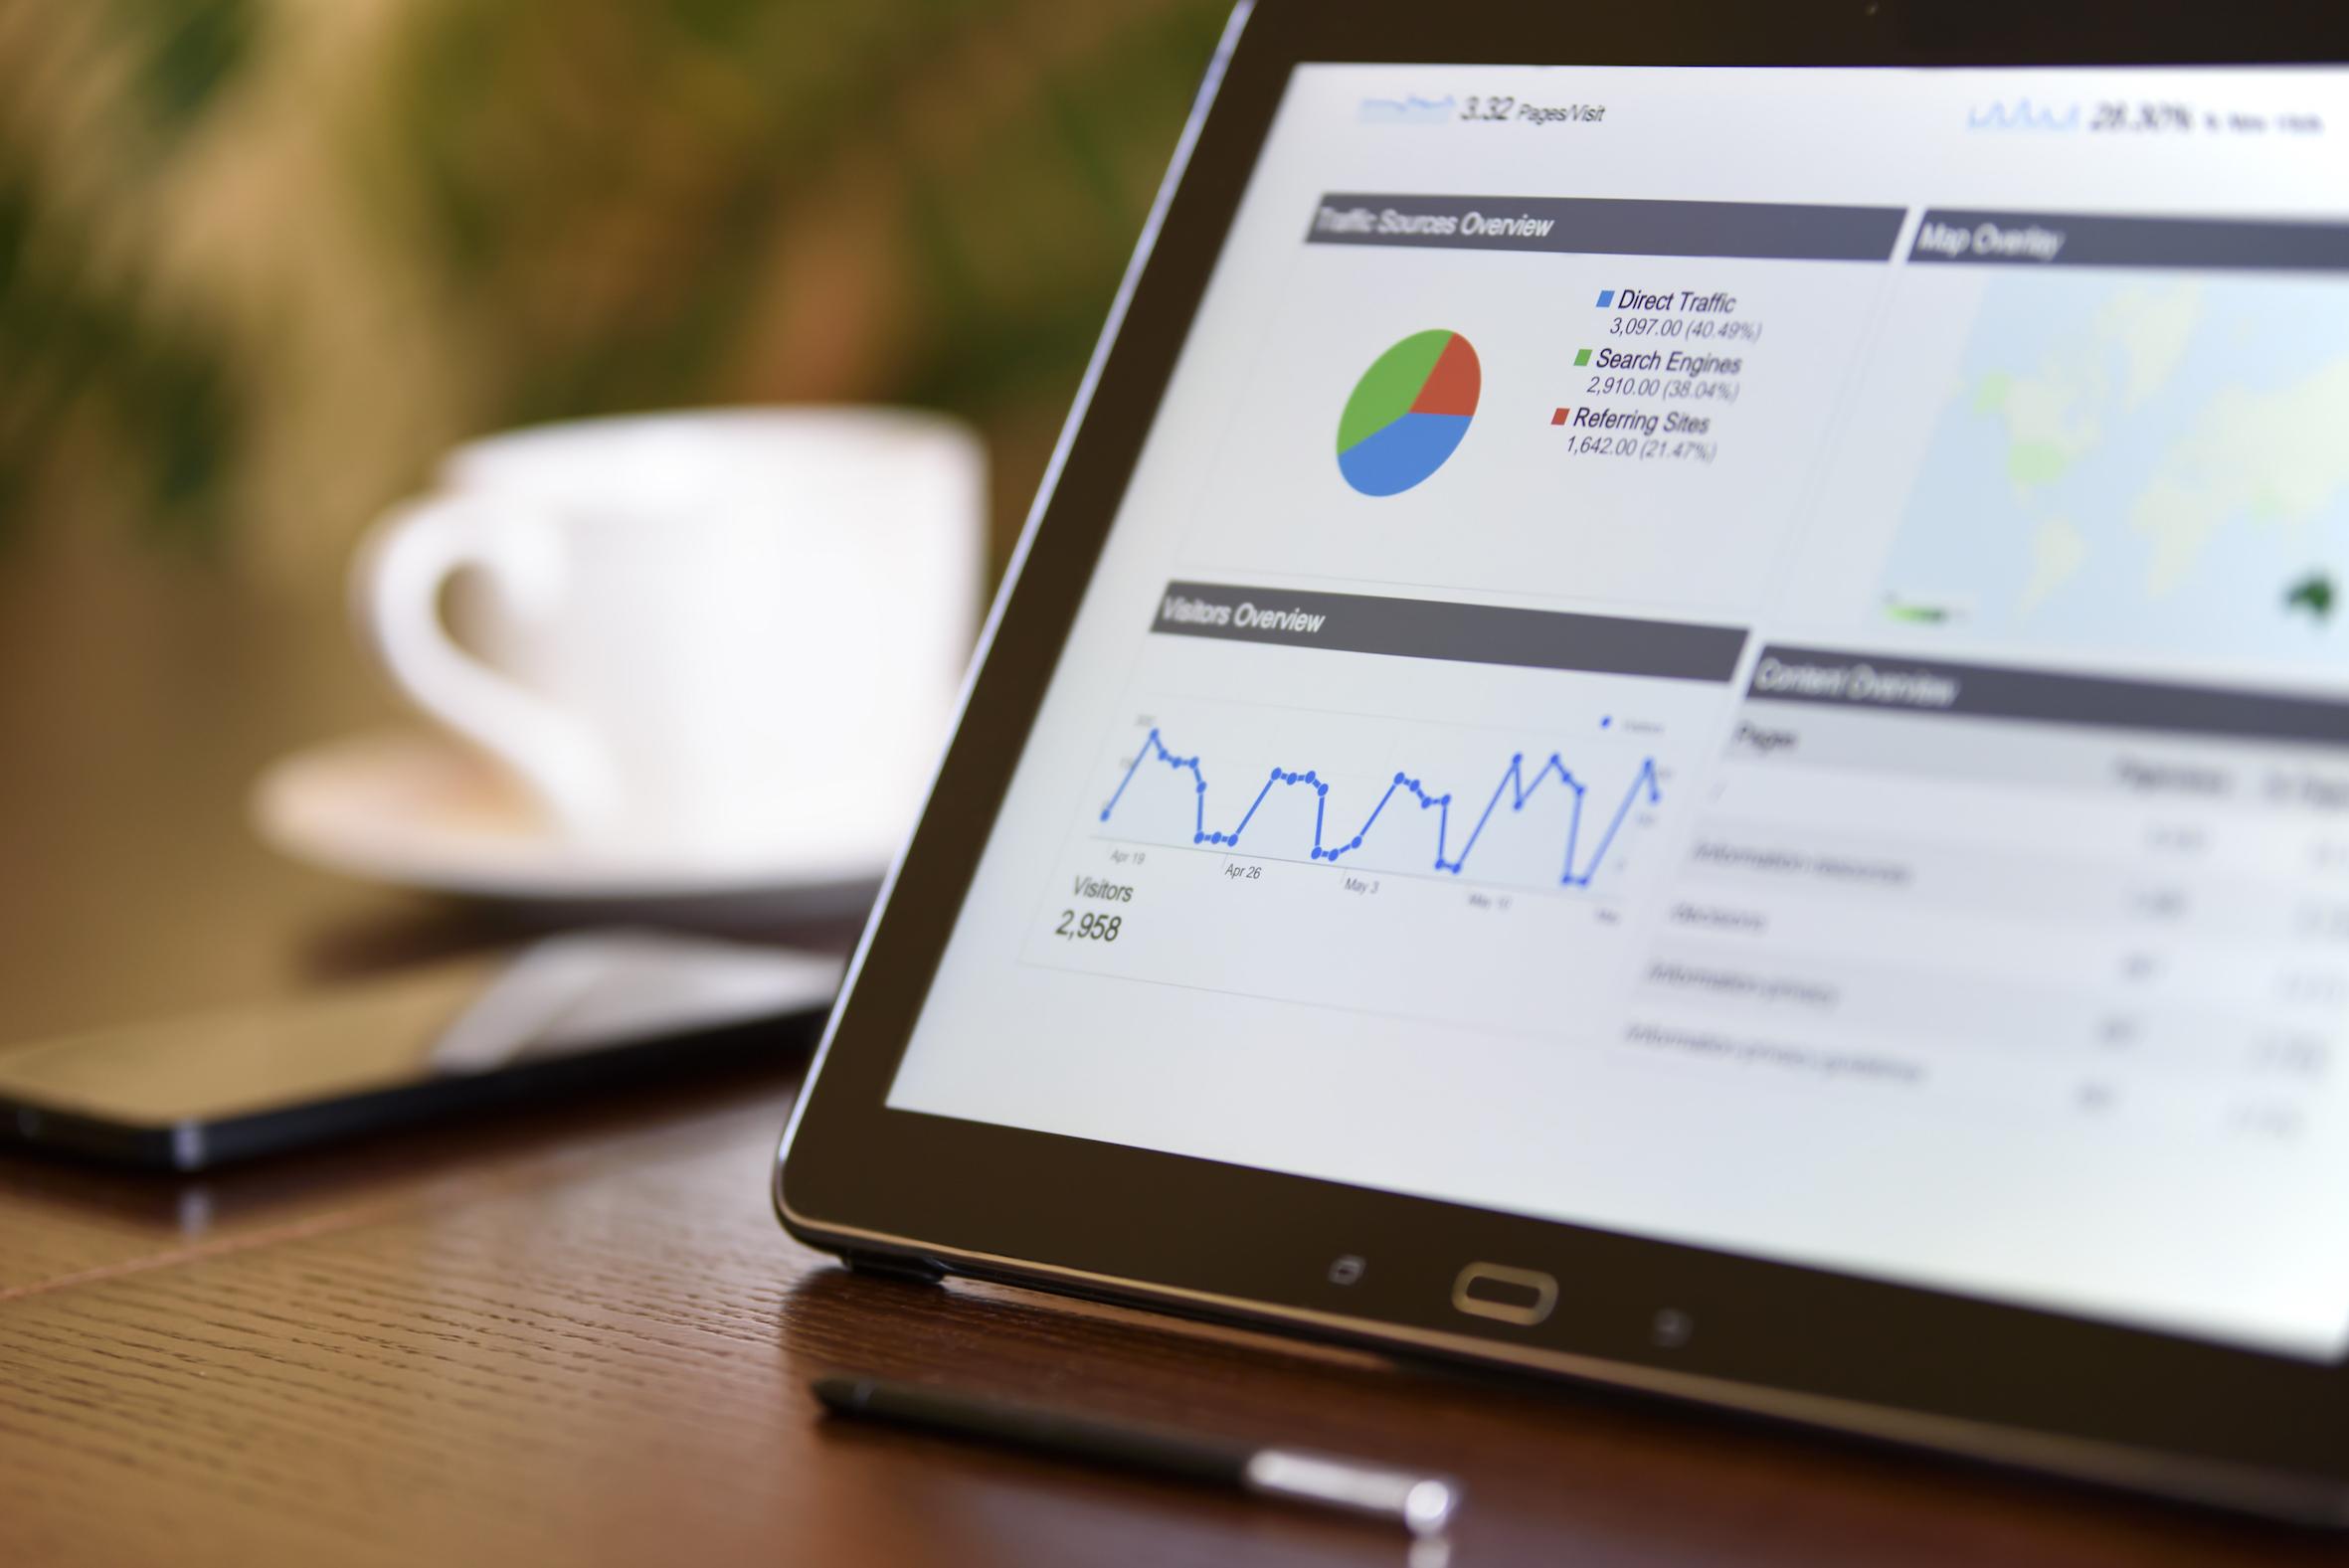 Business intelligence using modern technology